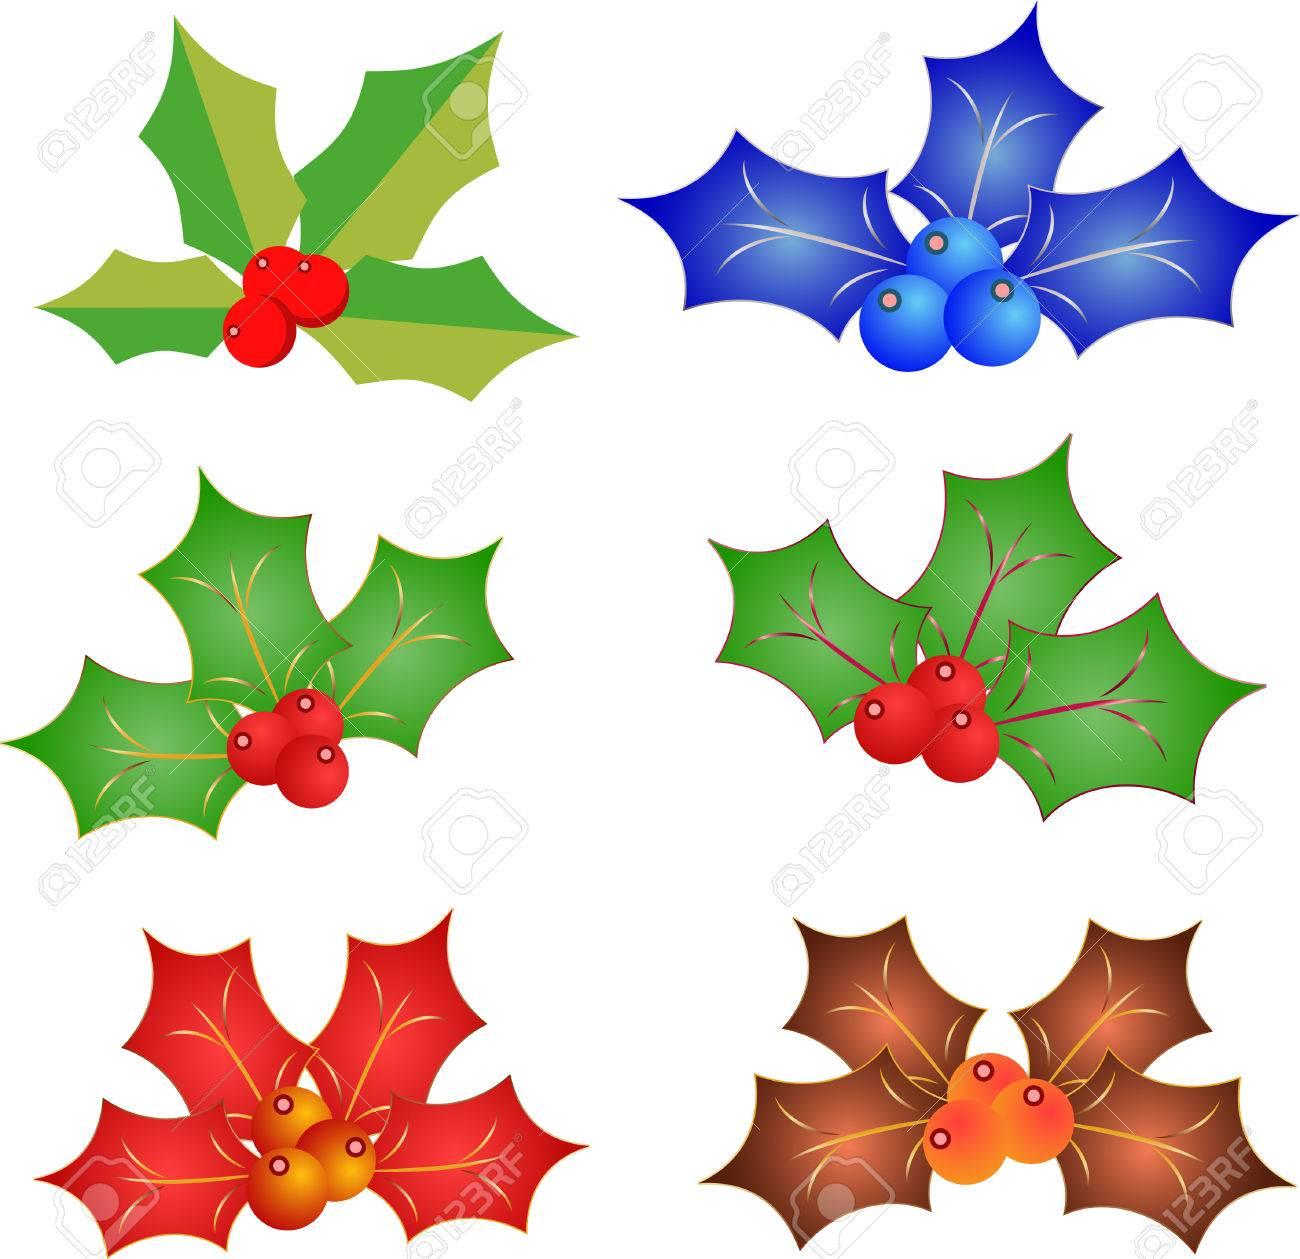 ベクトル分離ヤドリギ クリスマス飾りのイラストのイラスト素材 ベクタ Image